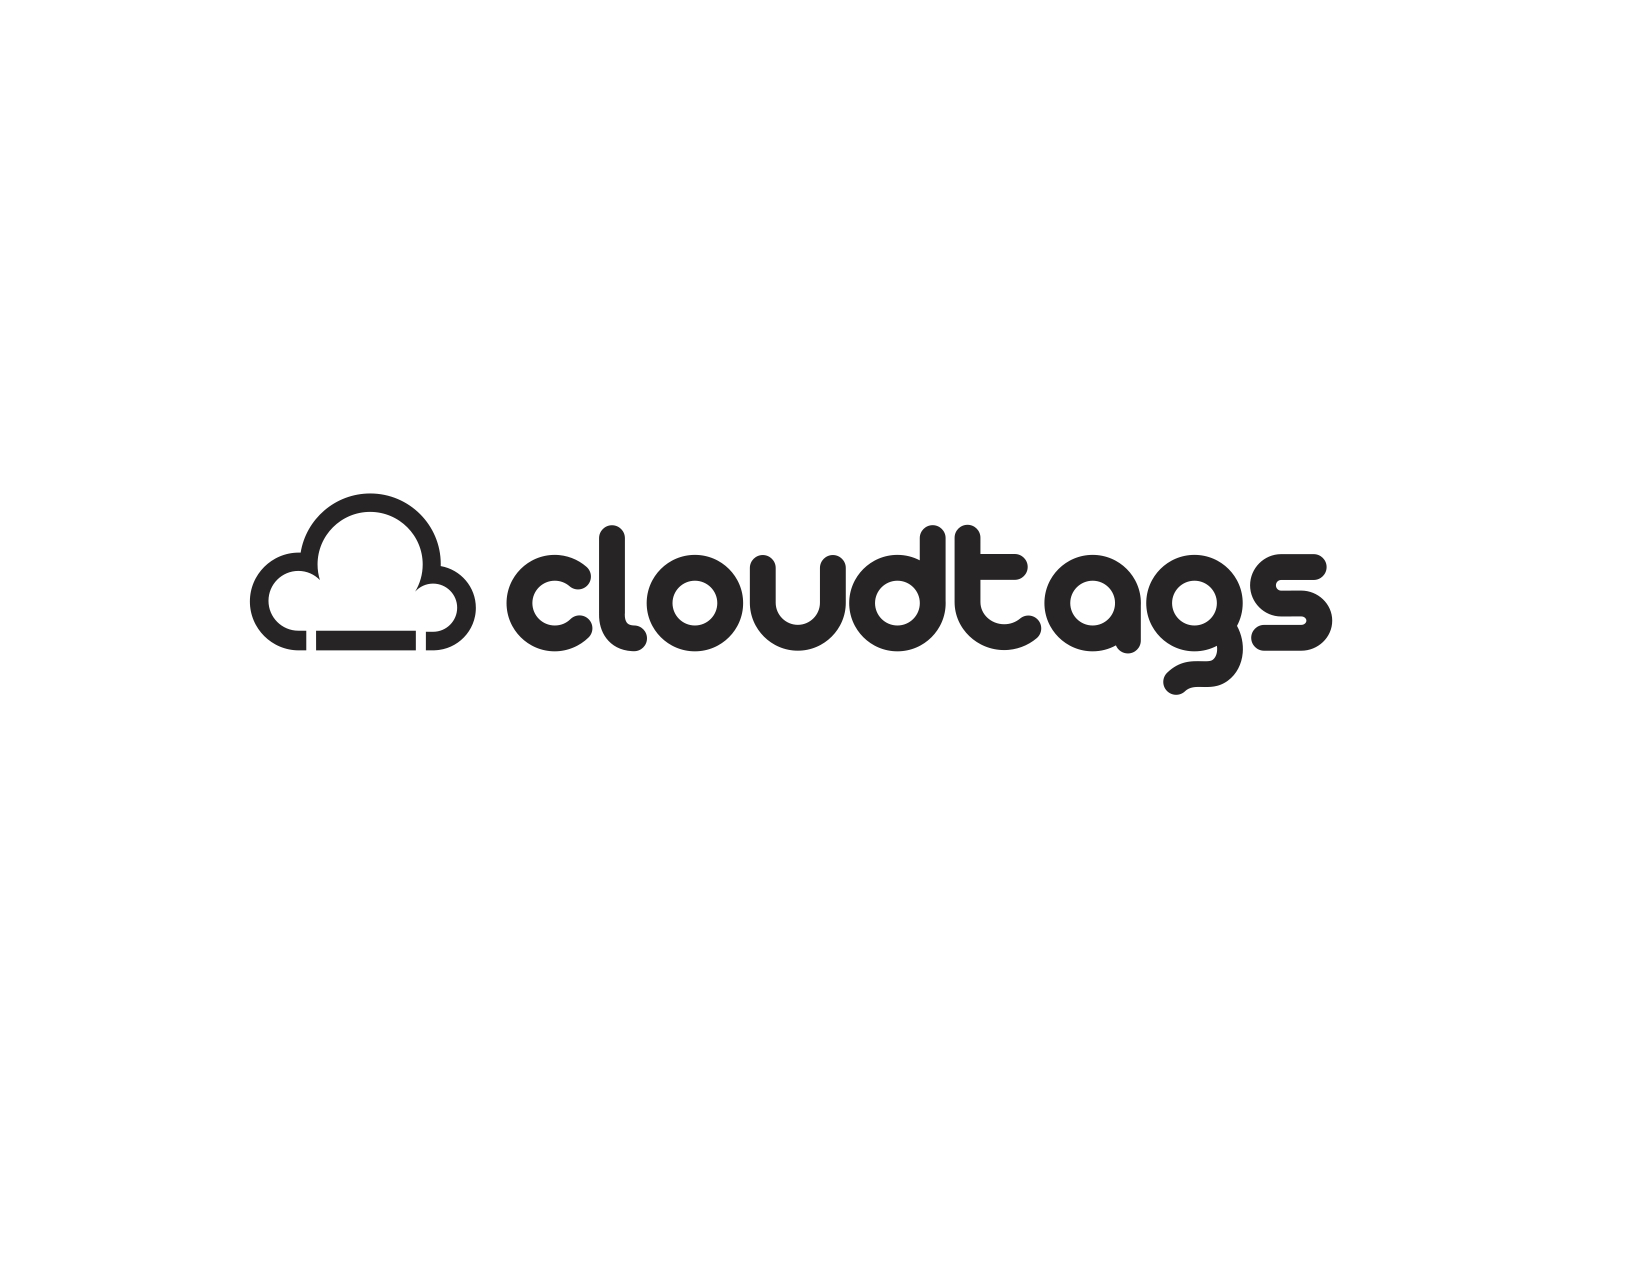 CloudTags-logo